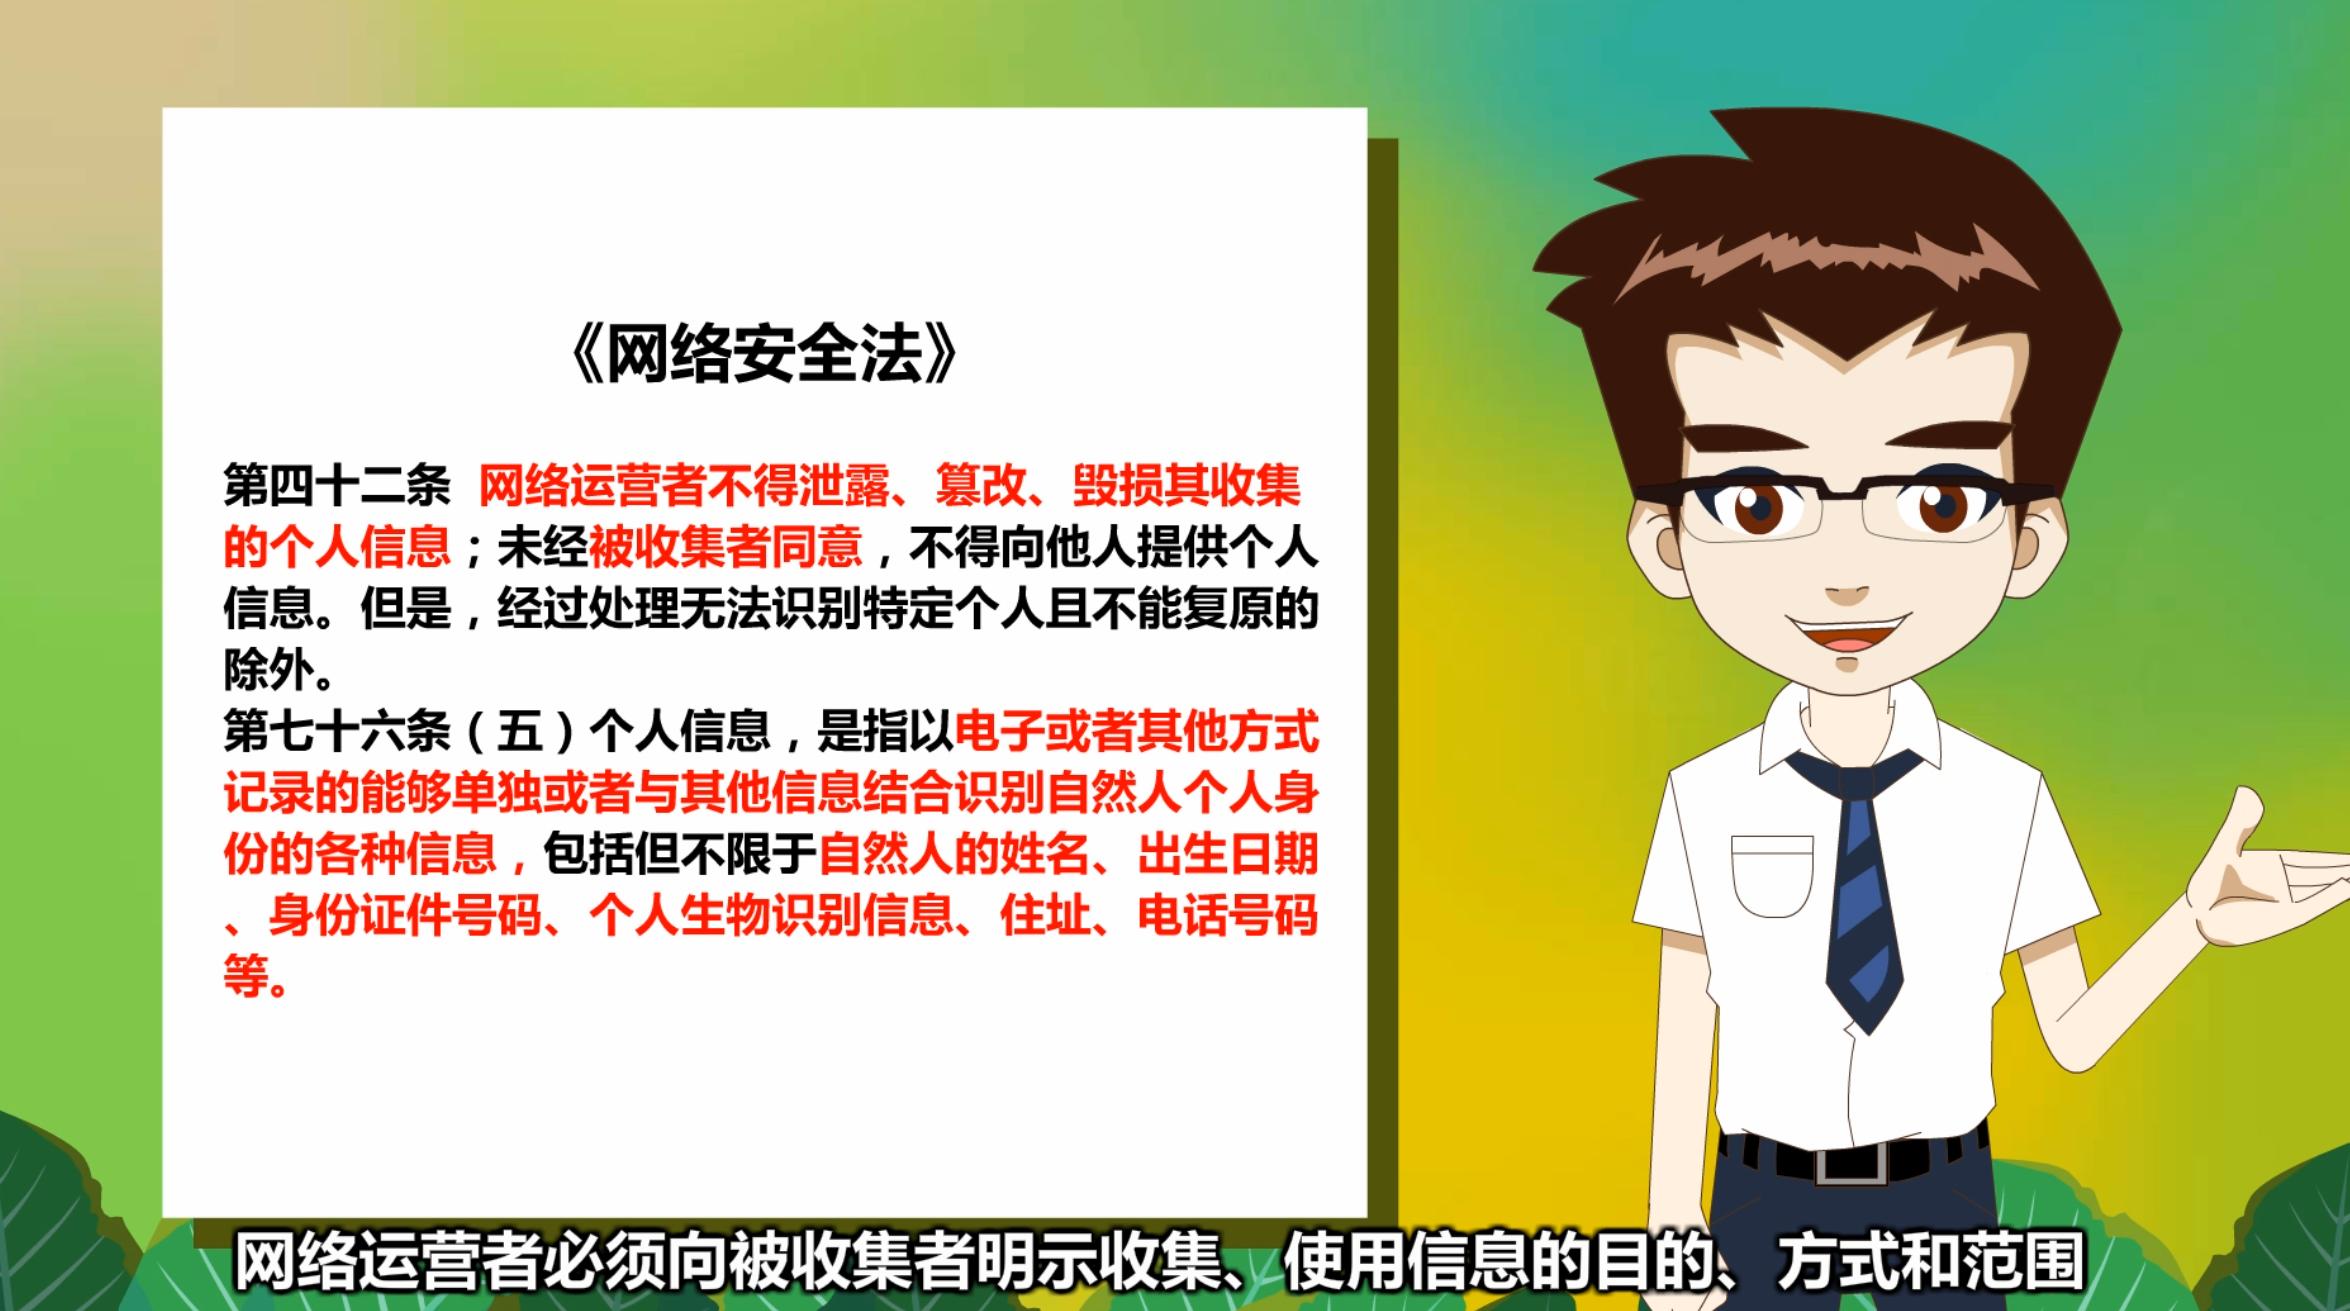 江北区网�l�安全宣传MG动画